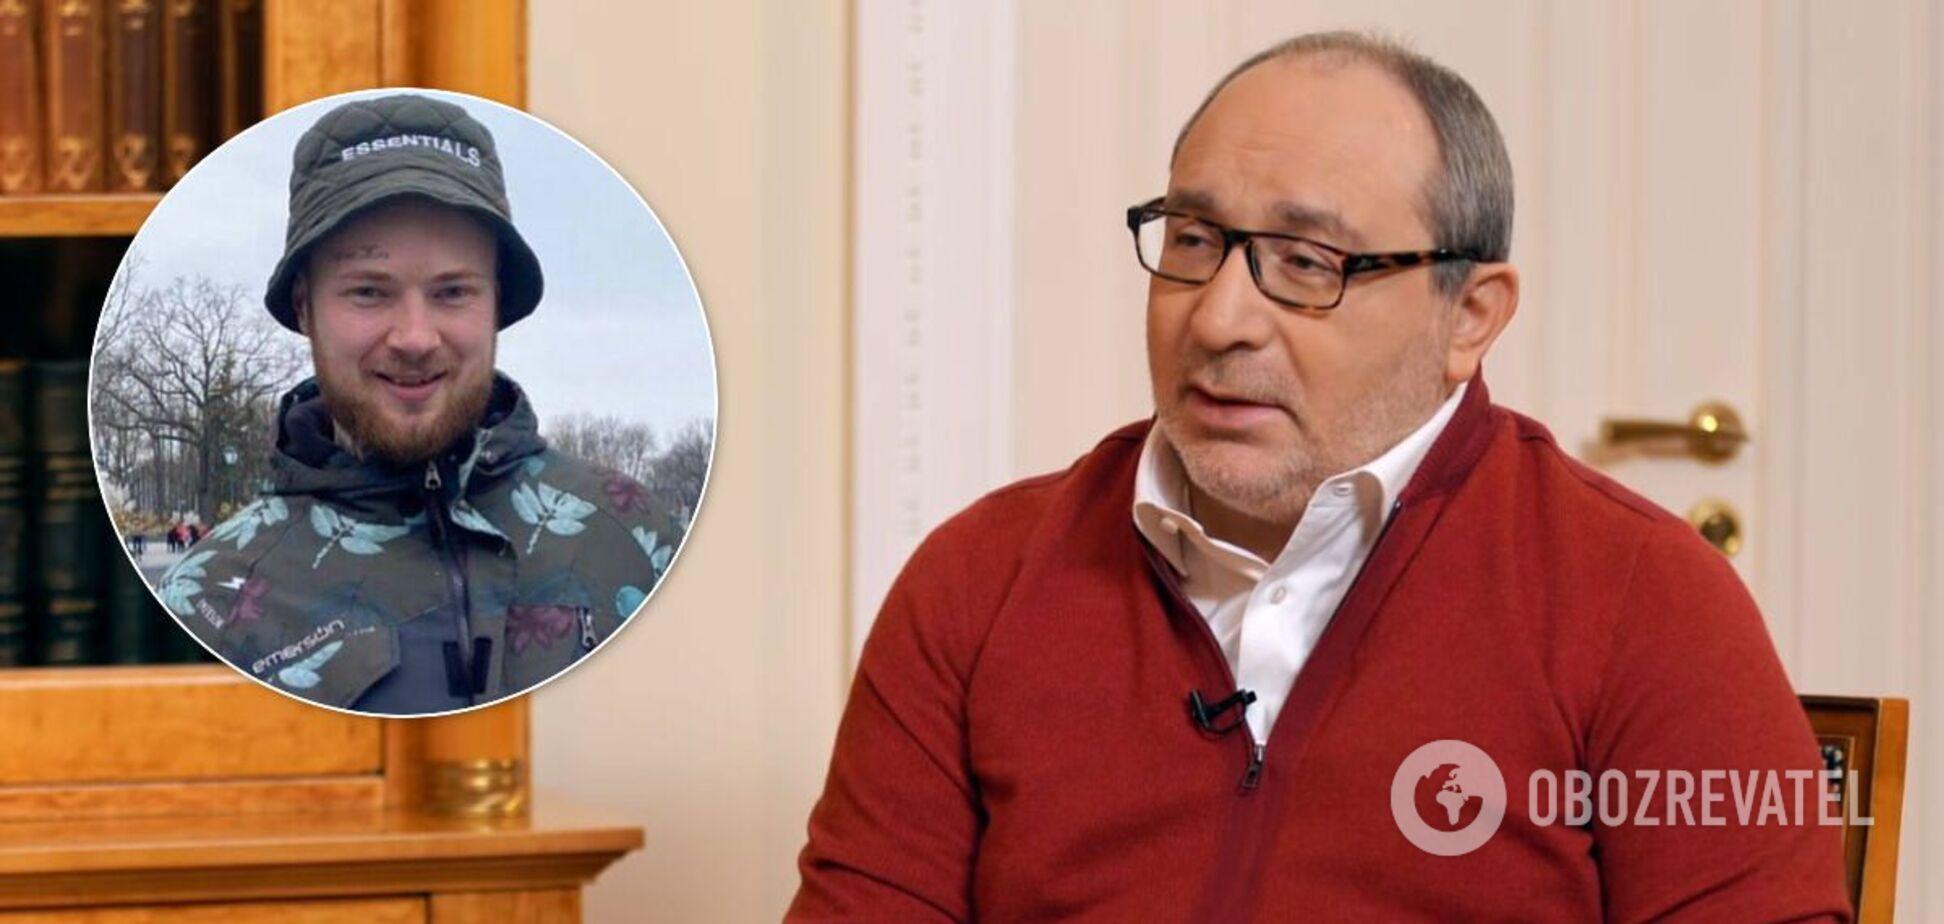 Харьковчанина с тату в честь Кернеса раскритиковали из-за безграмотного пикета